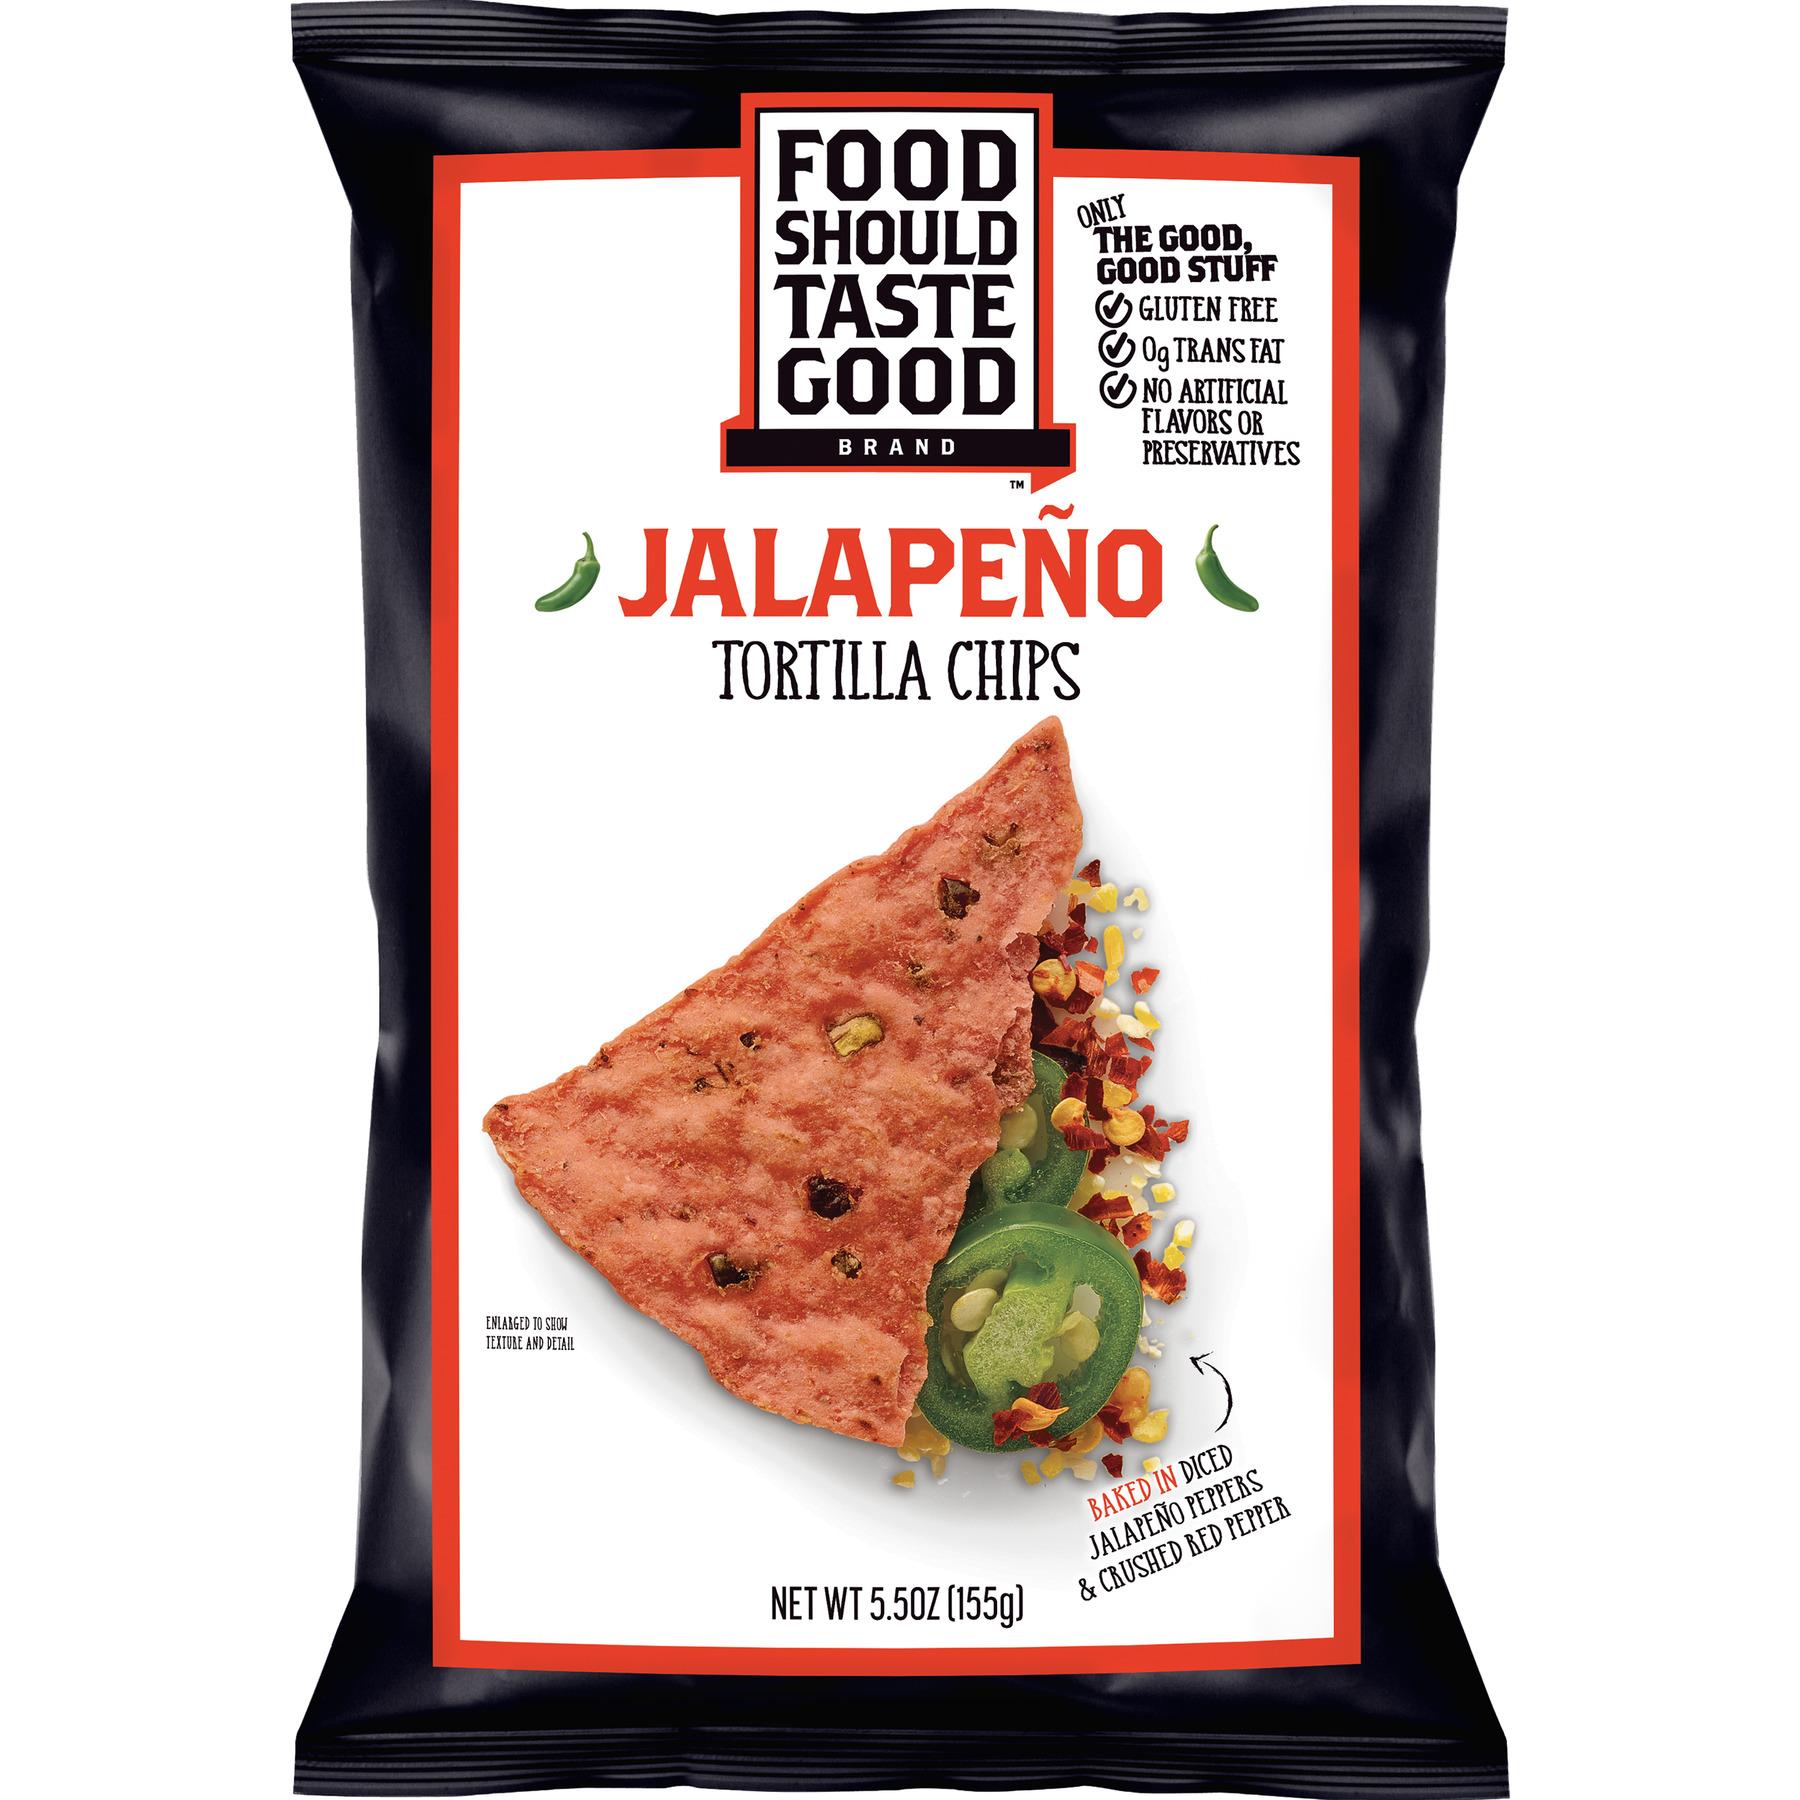 Food Should Taste Good Jalapeno Tortilla Chips, 5.5 oz